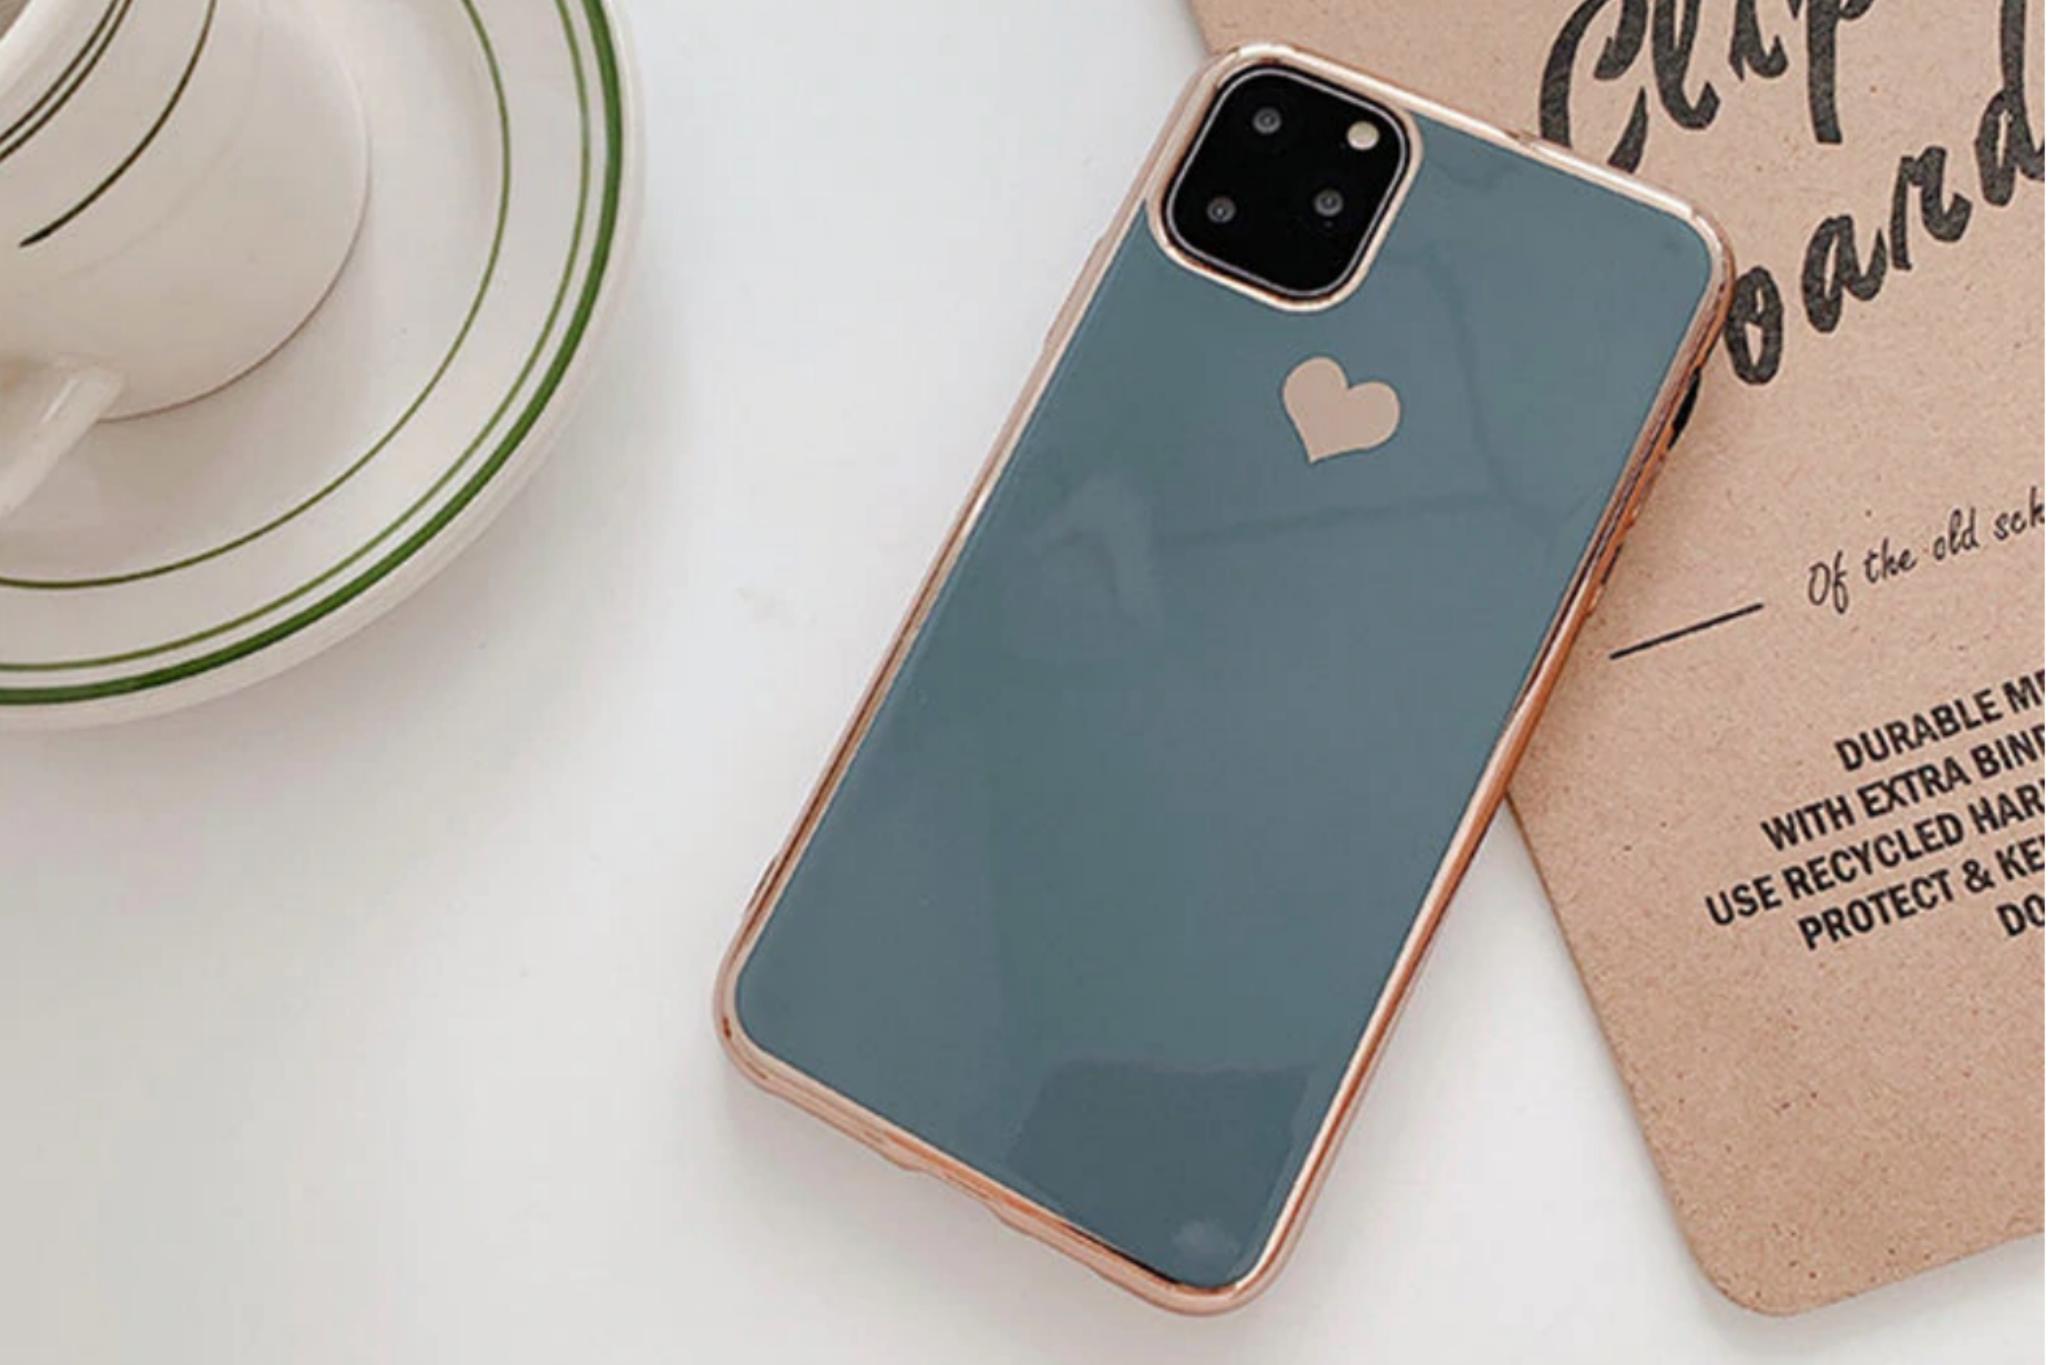 Smartphonehoesje iPhone 11 Pro | Groen/blauw